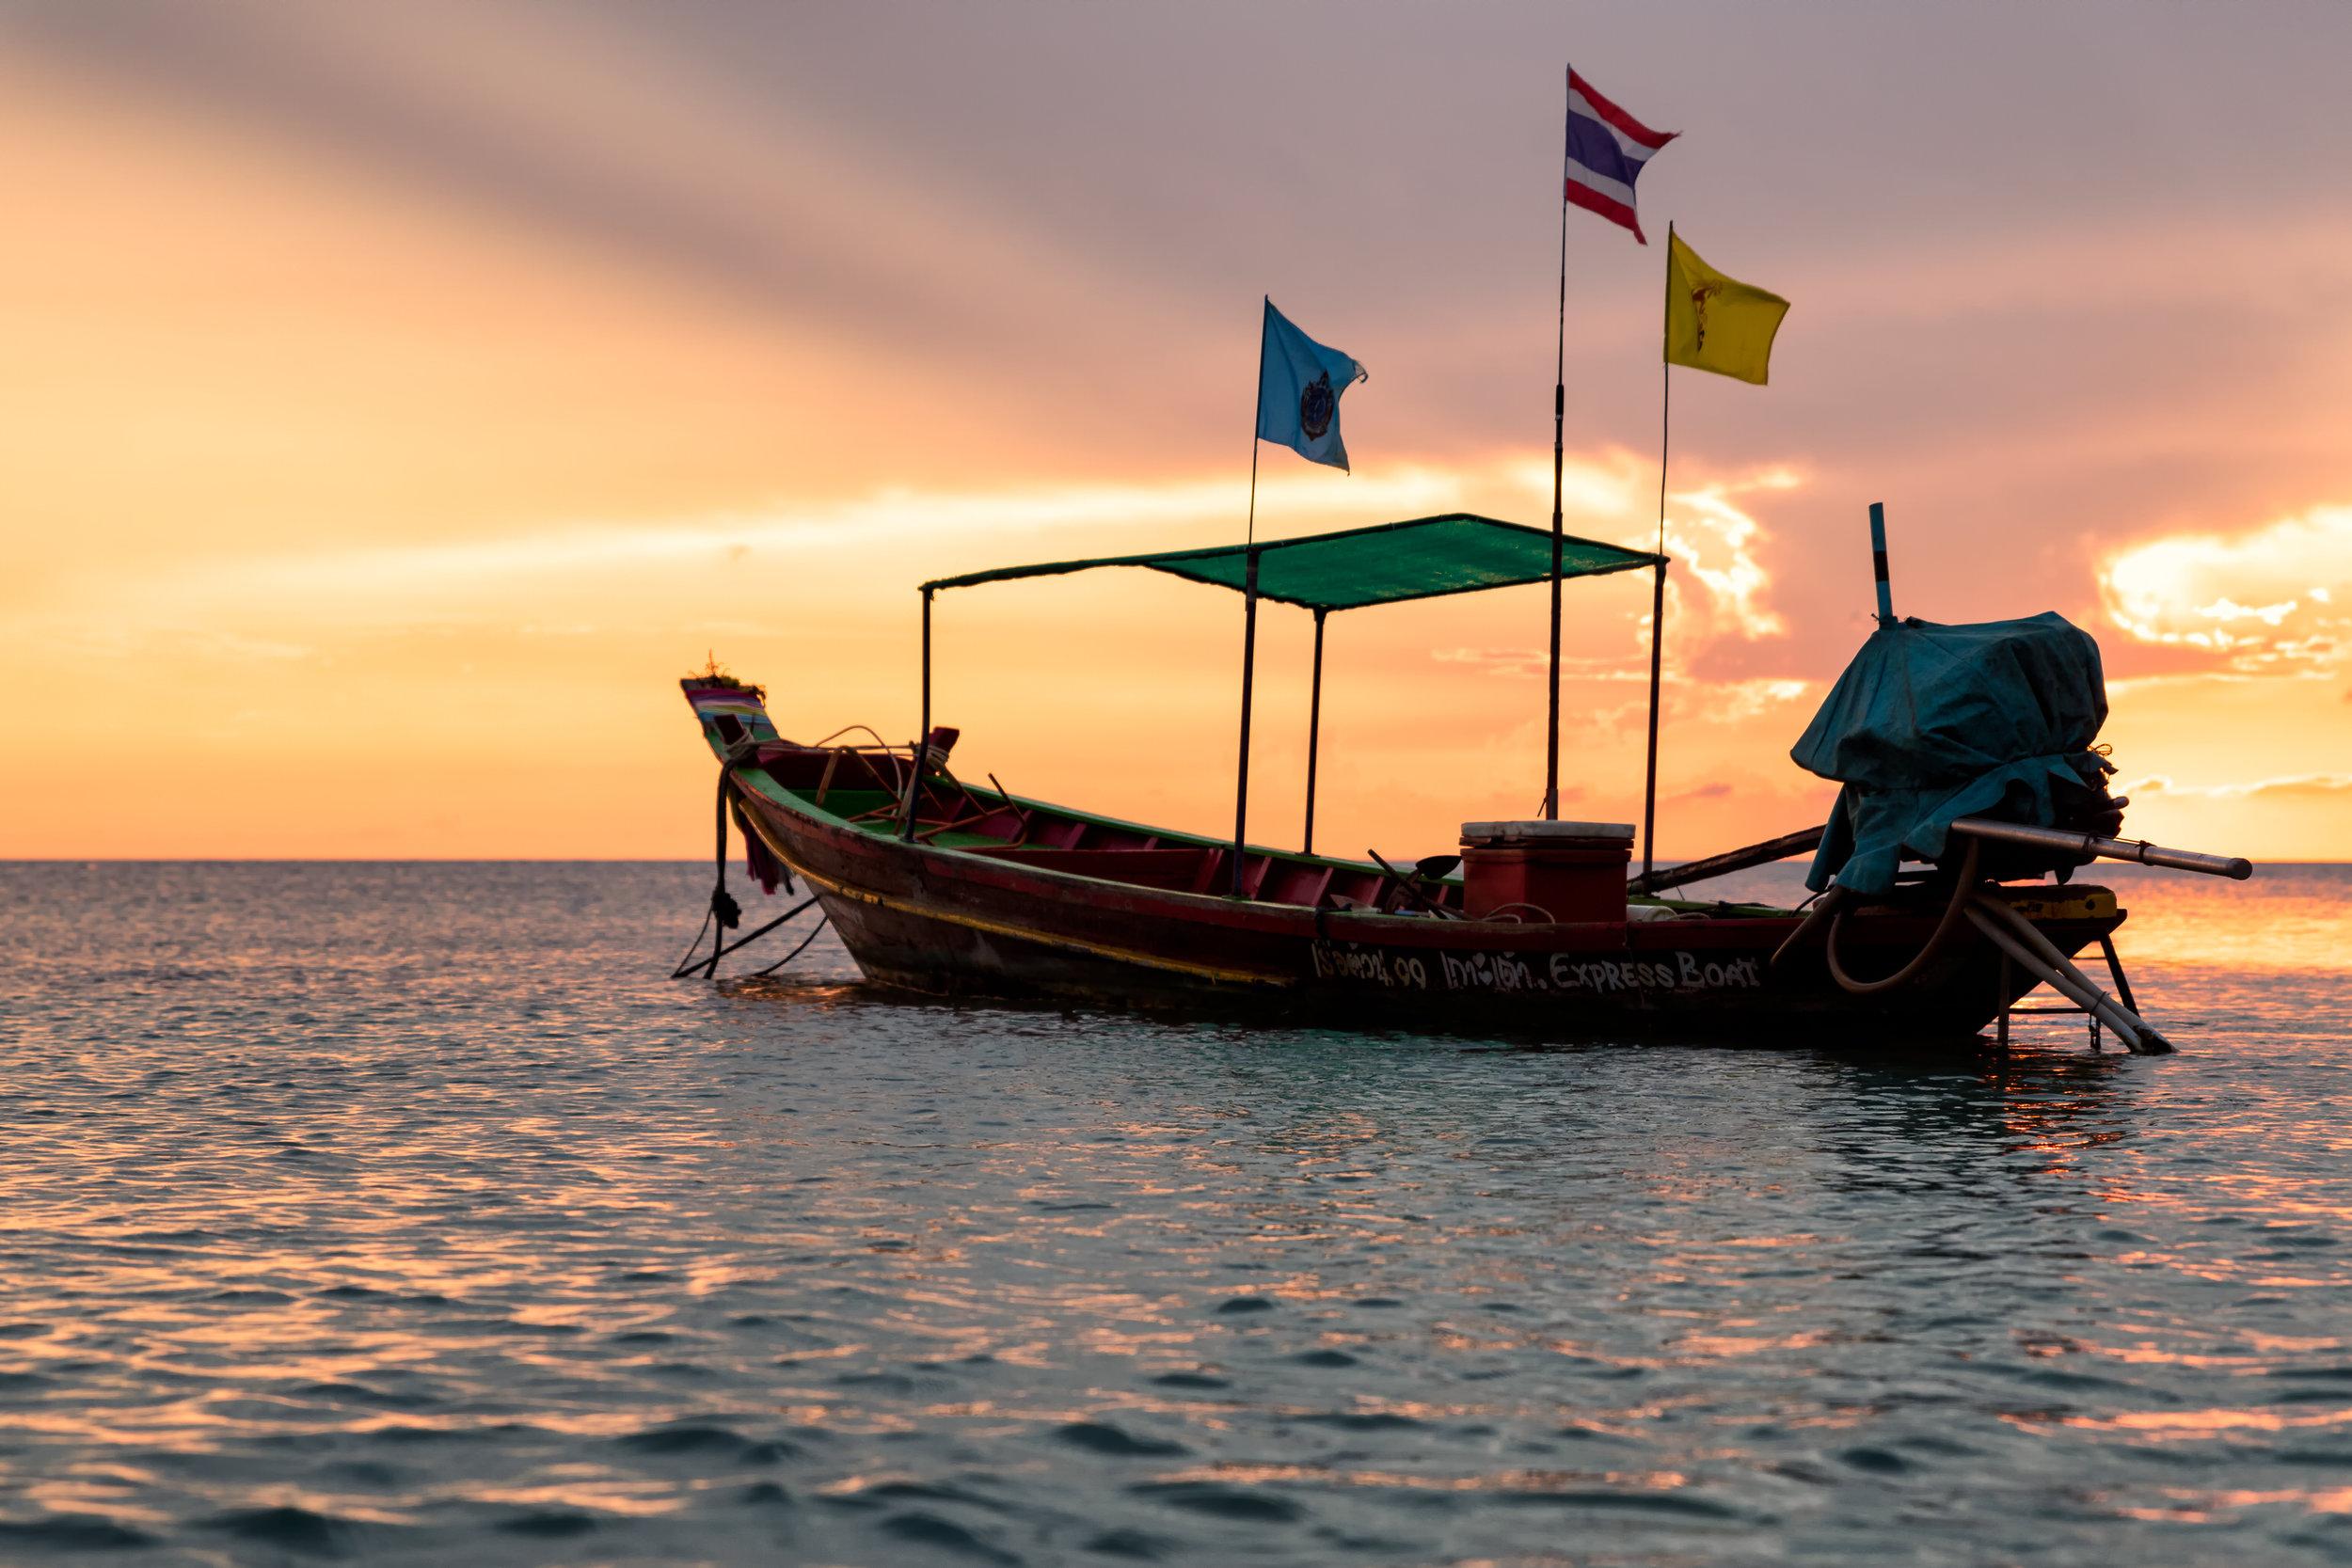 Koh Tao Longtail Sunset